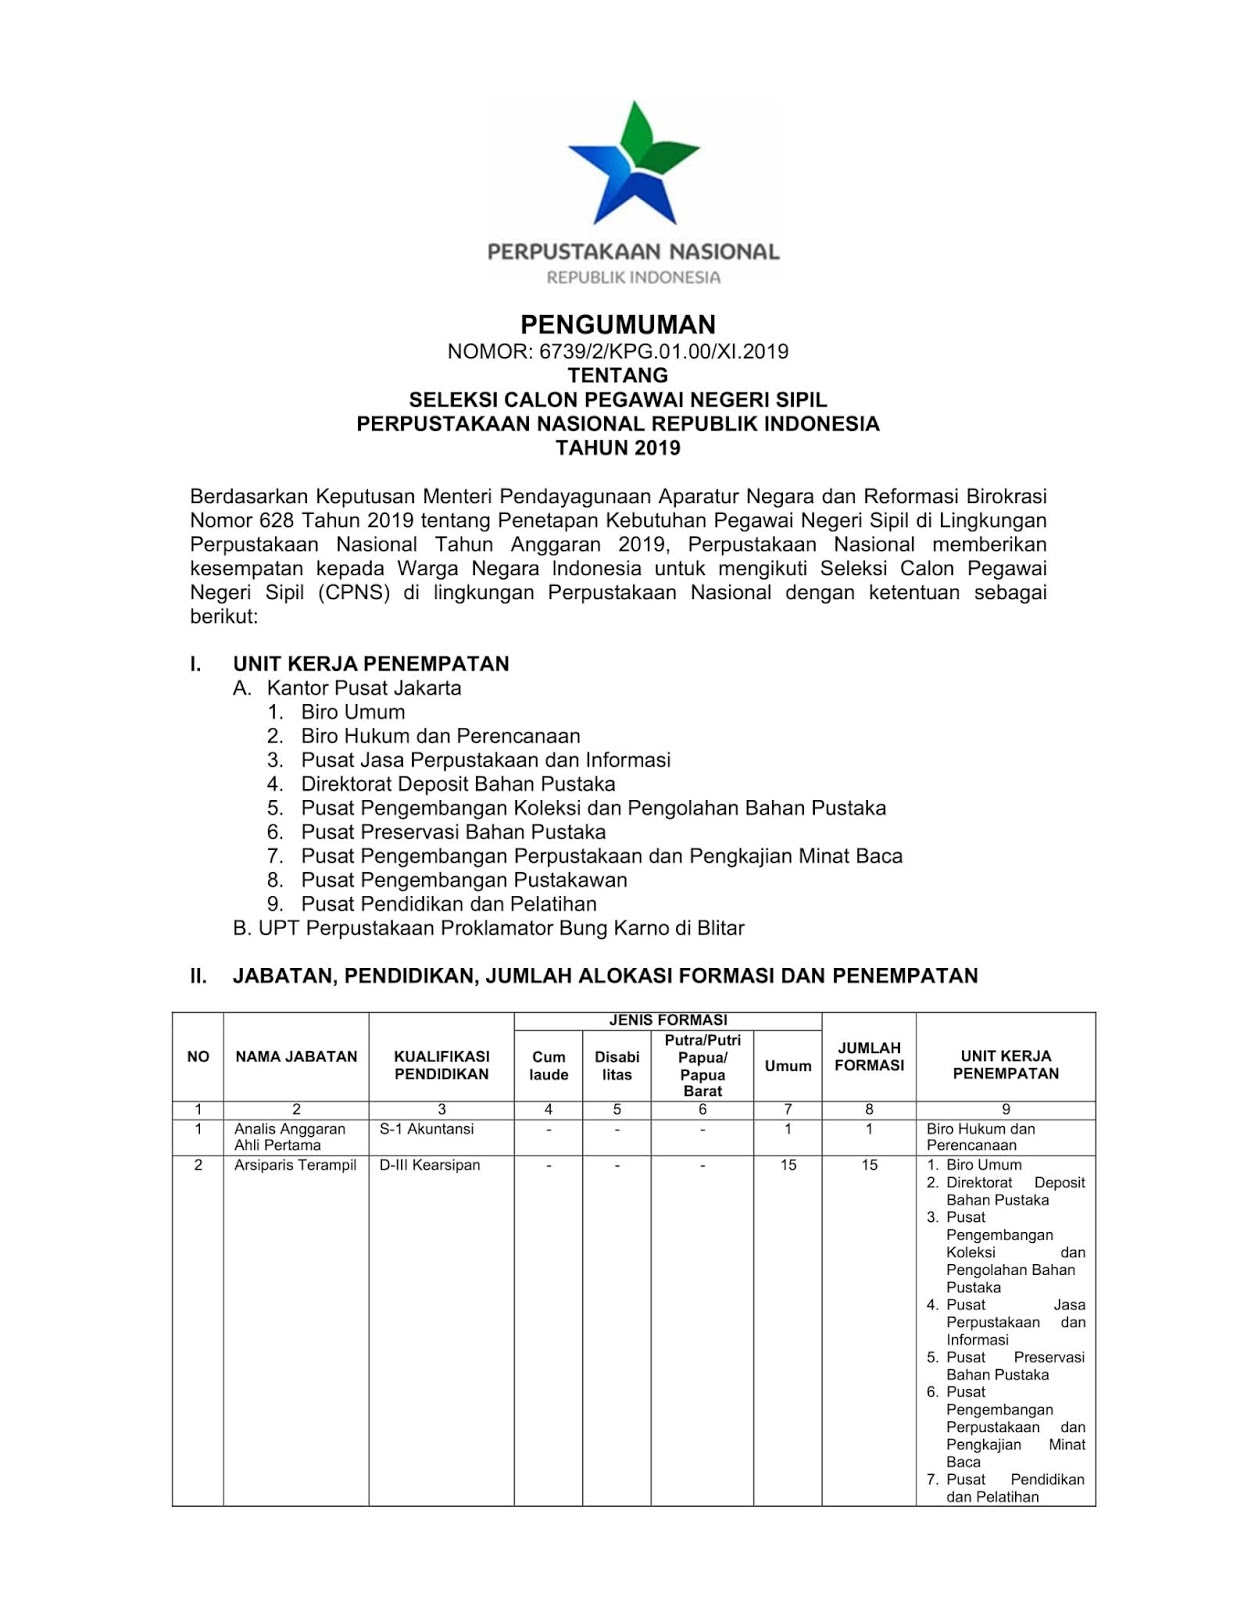 Lowongan CPNS Perpustakaan Nasional Republik Indonesia Tahun Anggaran 2019 [57 Formasi]